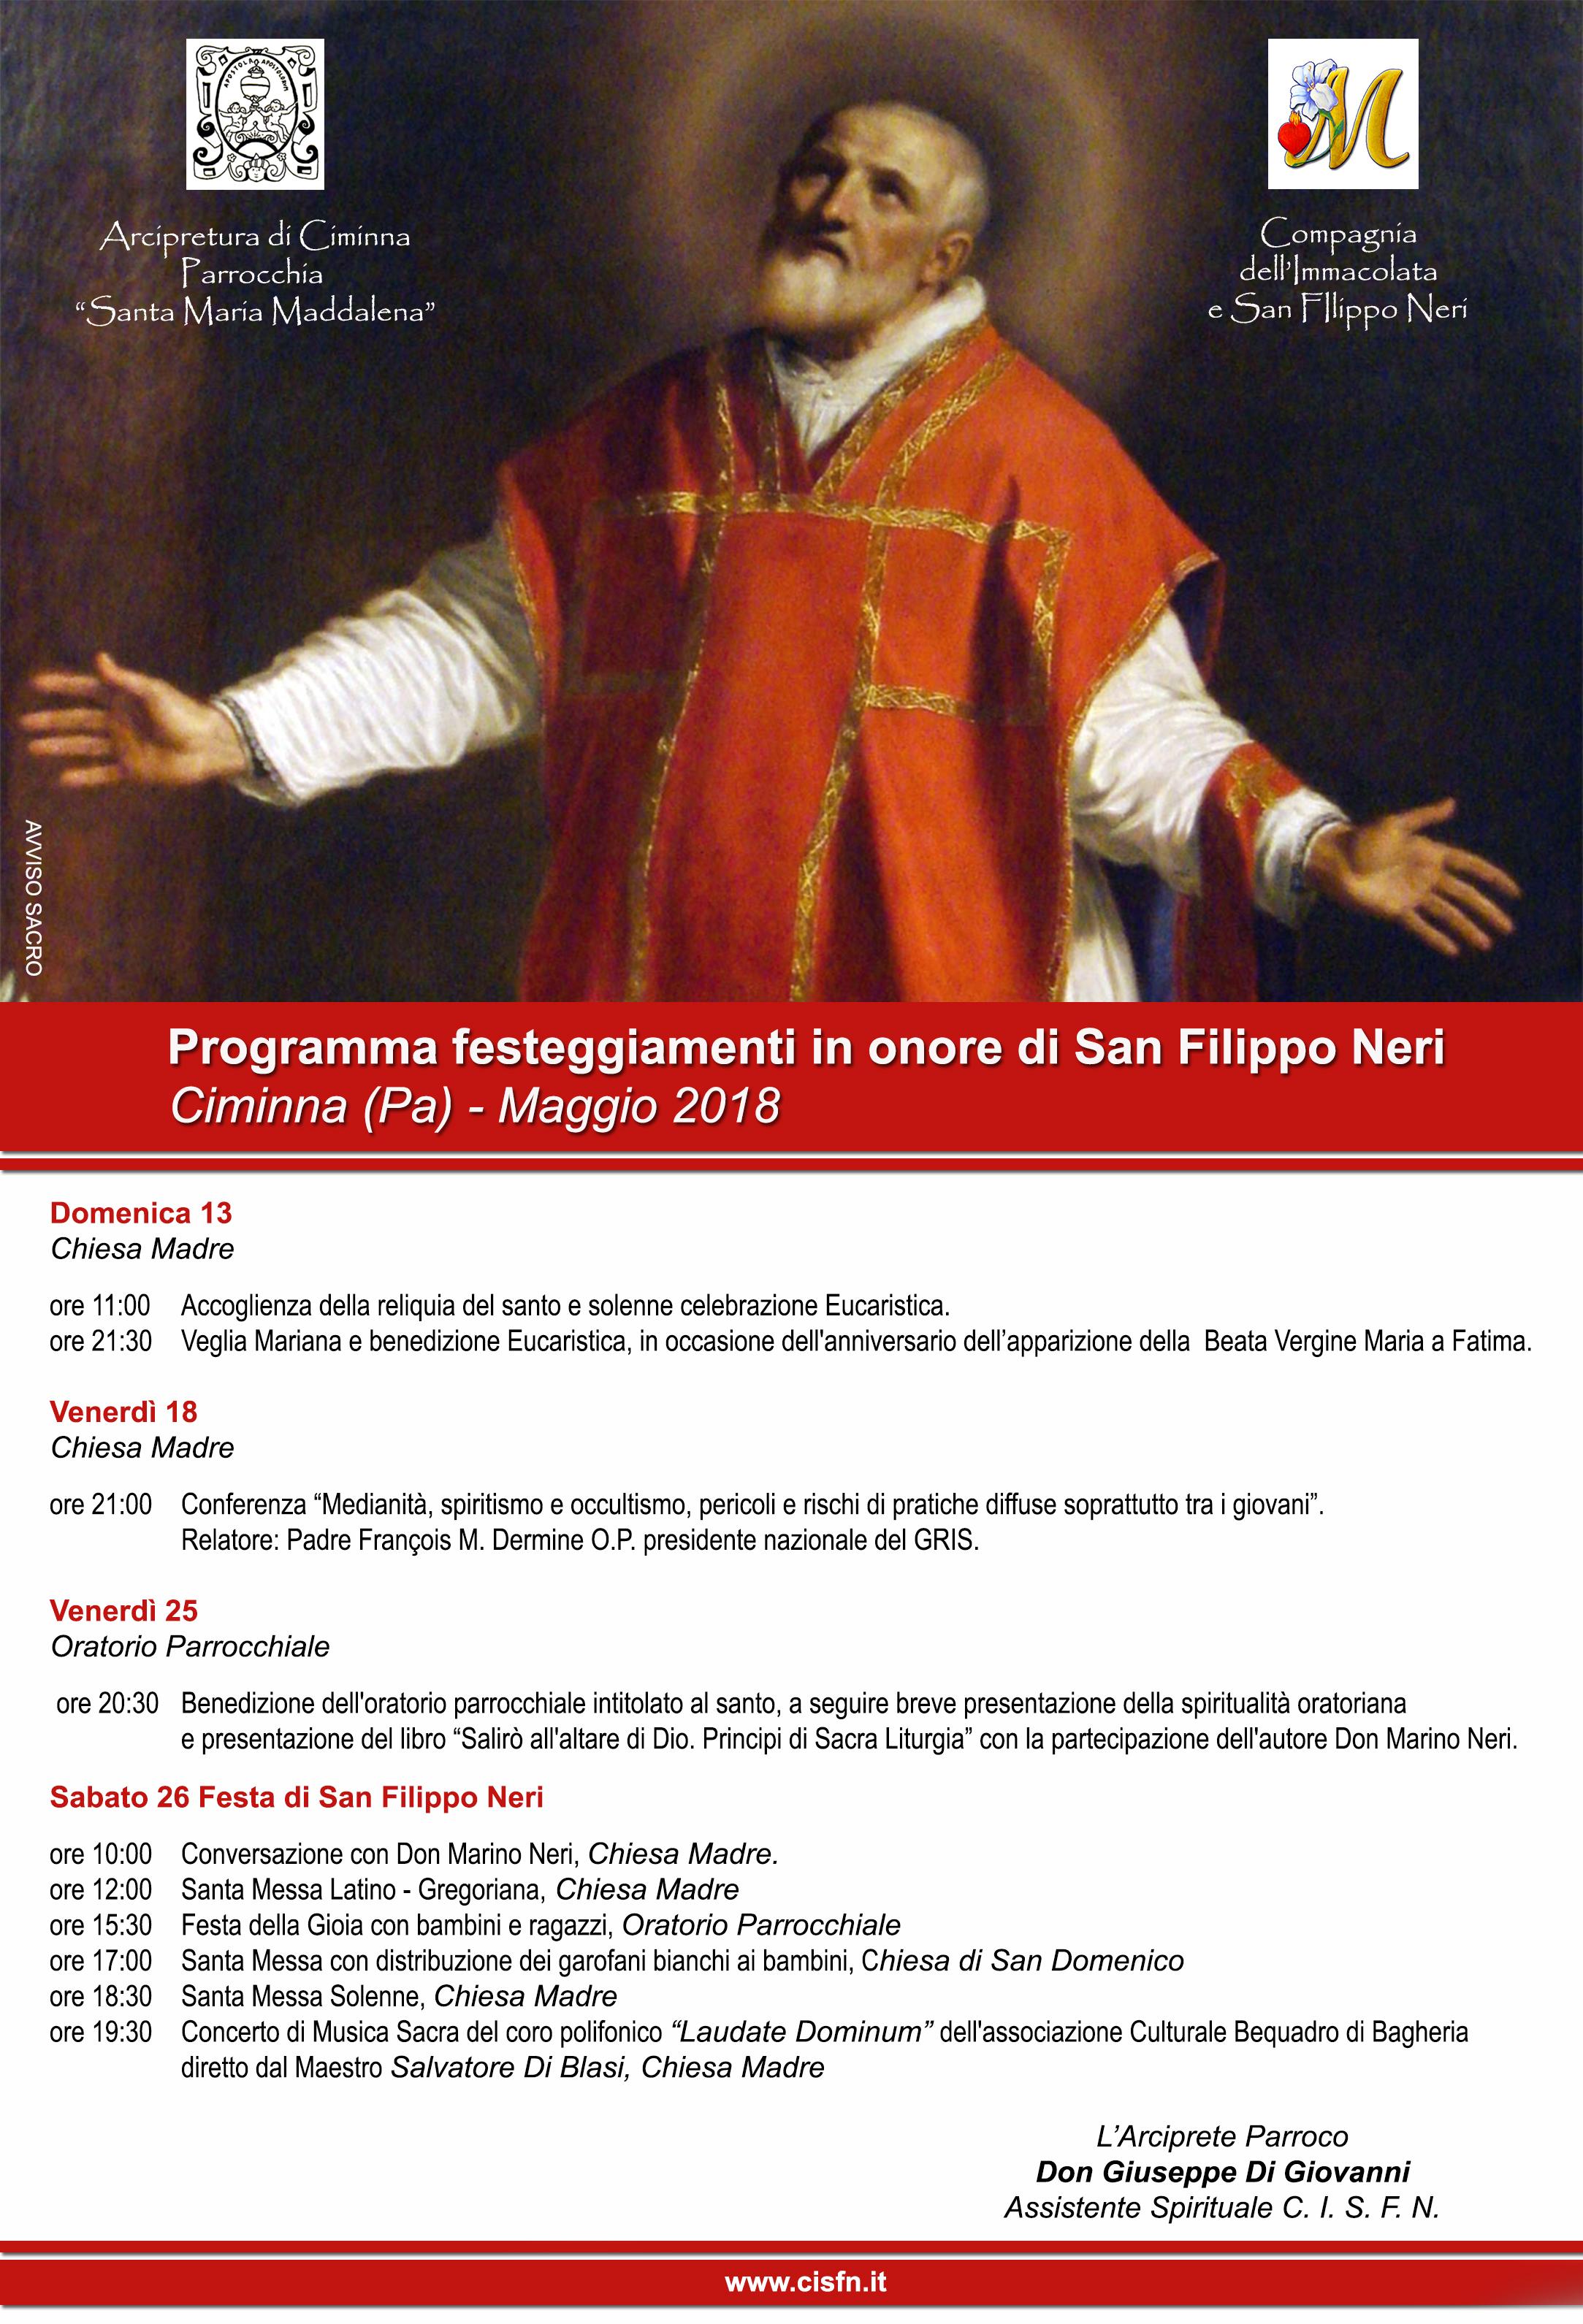 Programma festeggiamenti in onore di San Filippo Neri